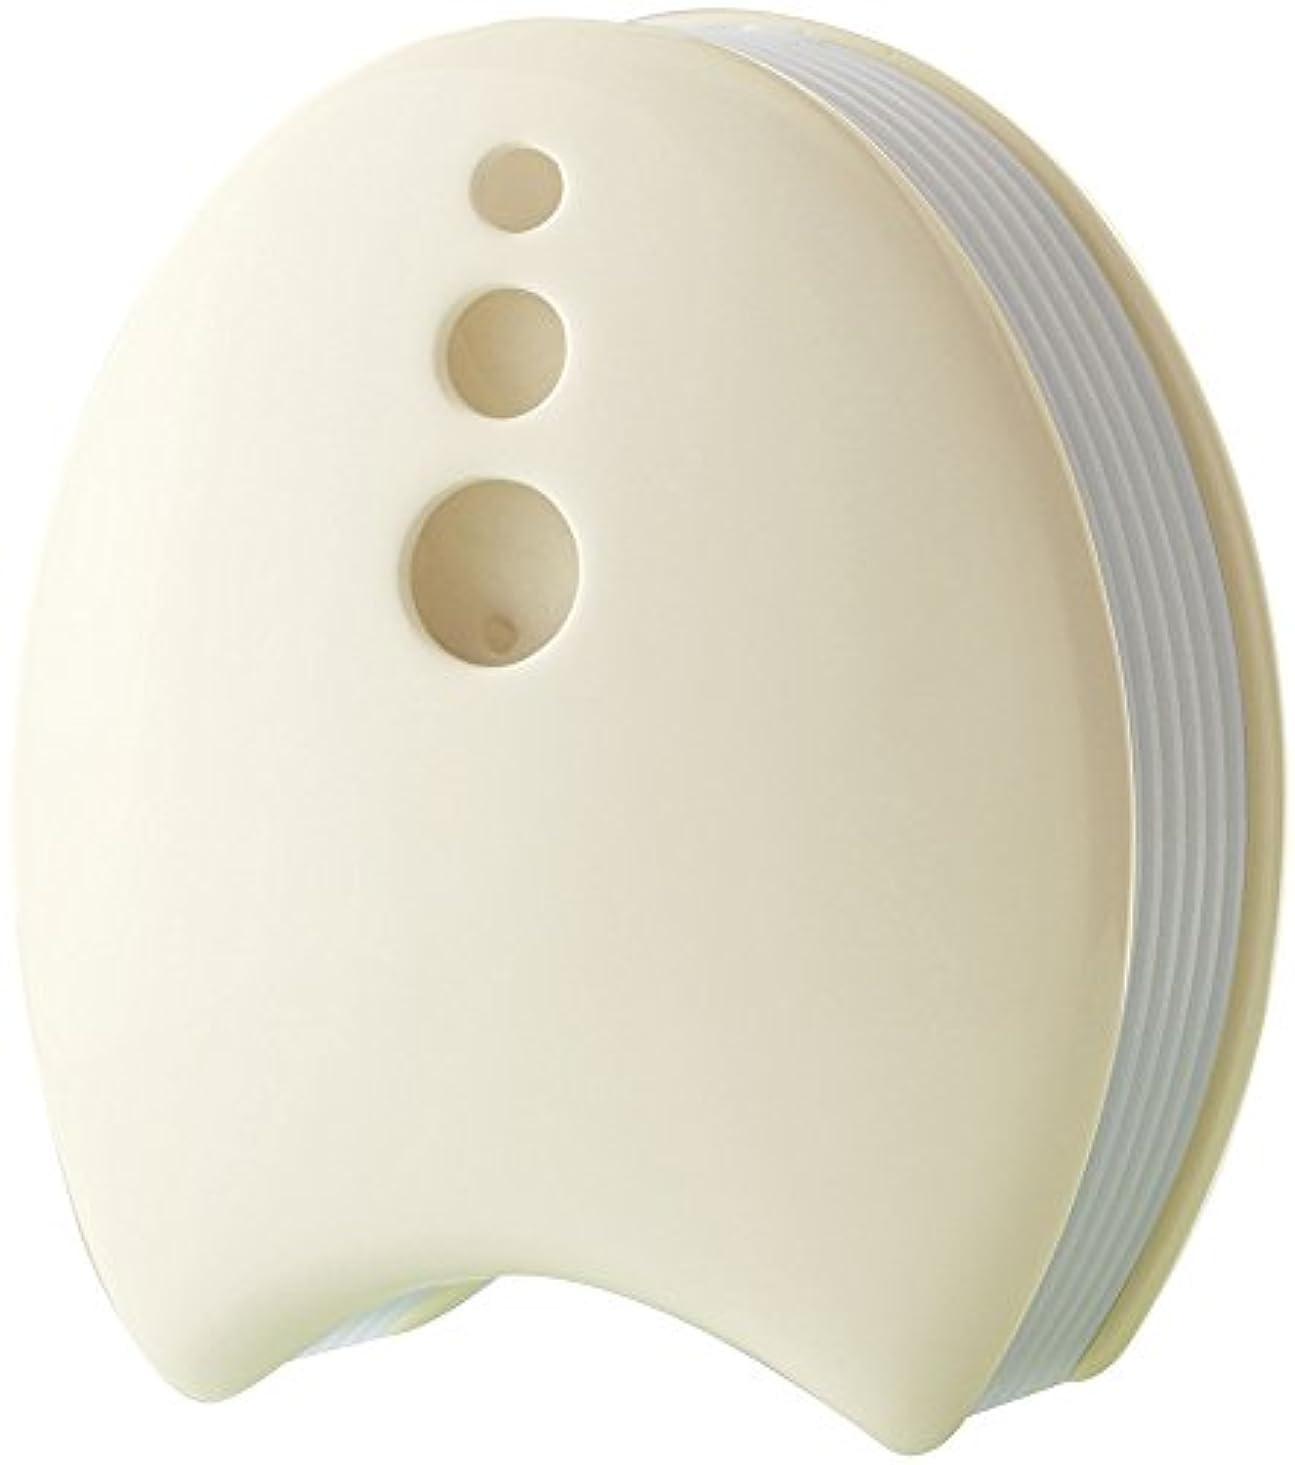 マイルストーンマイクロプロセッサ通信網陶器のアロマブリーズ 瀬戸焼 ベージュ